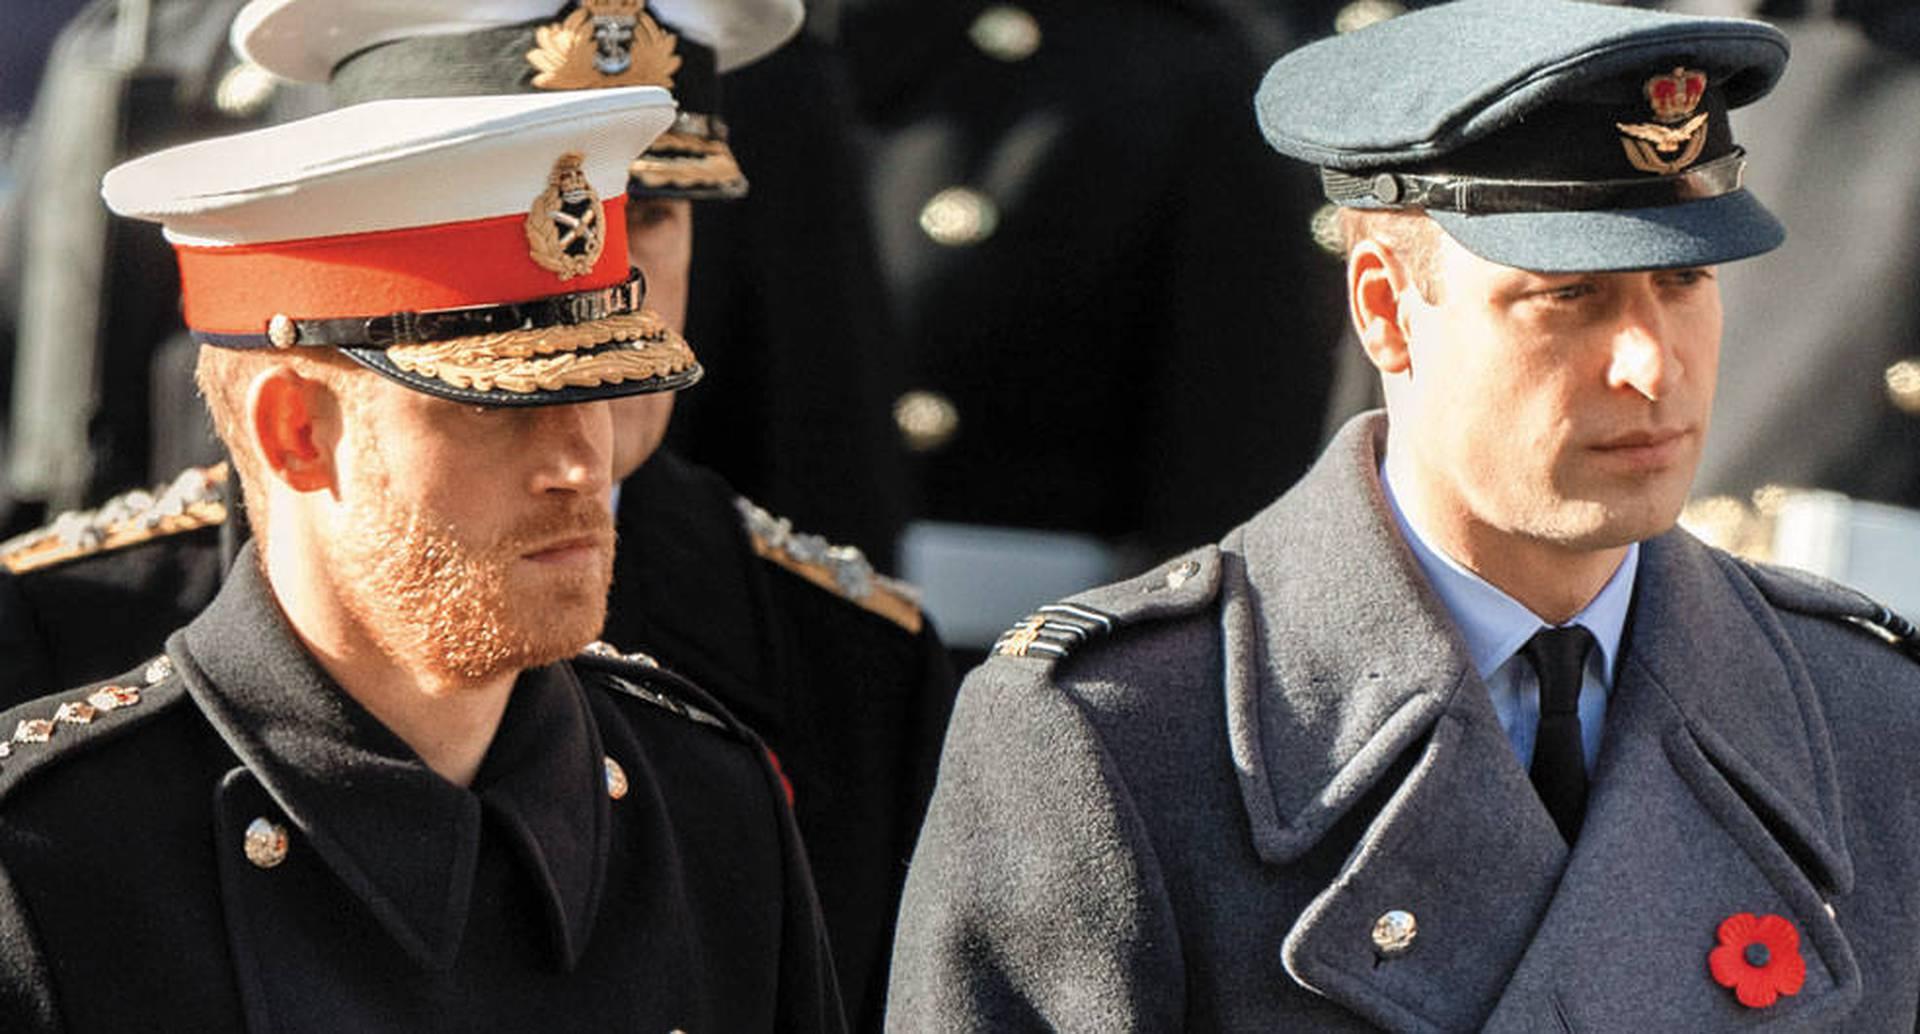 """Los tabloides de inmediato comenzaron a hacer eco de la noticia y hablar de una """"ruptura oficial"""" o de una """"separación definitiva"""" entre los príncipes William y Harry."""